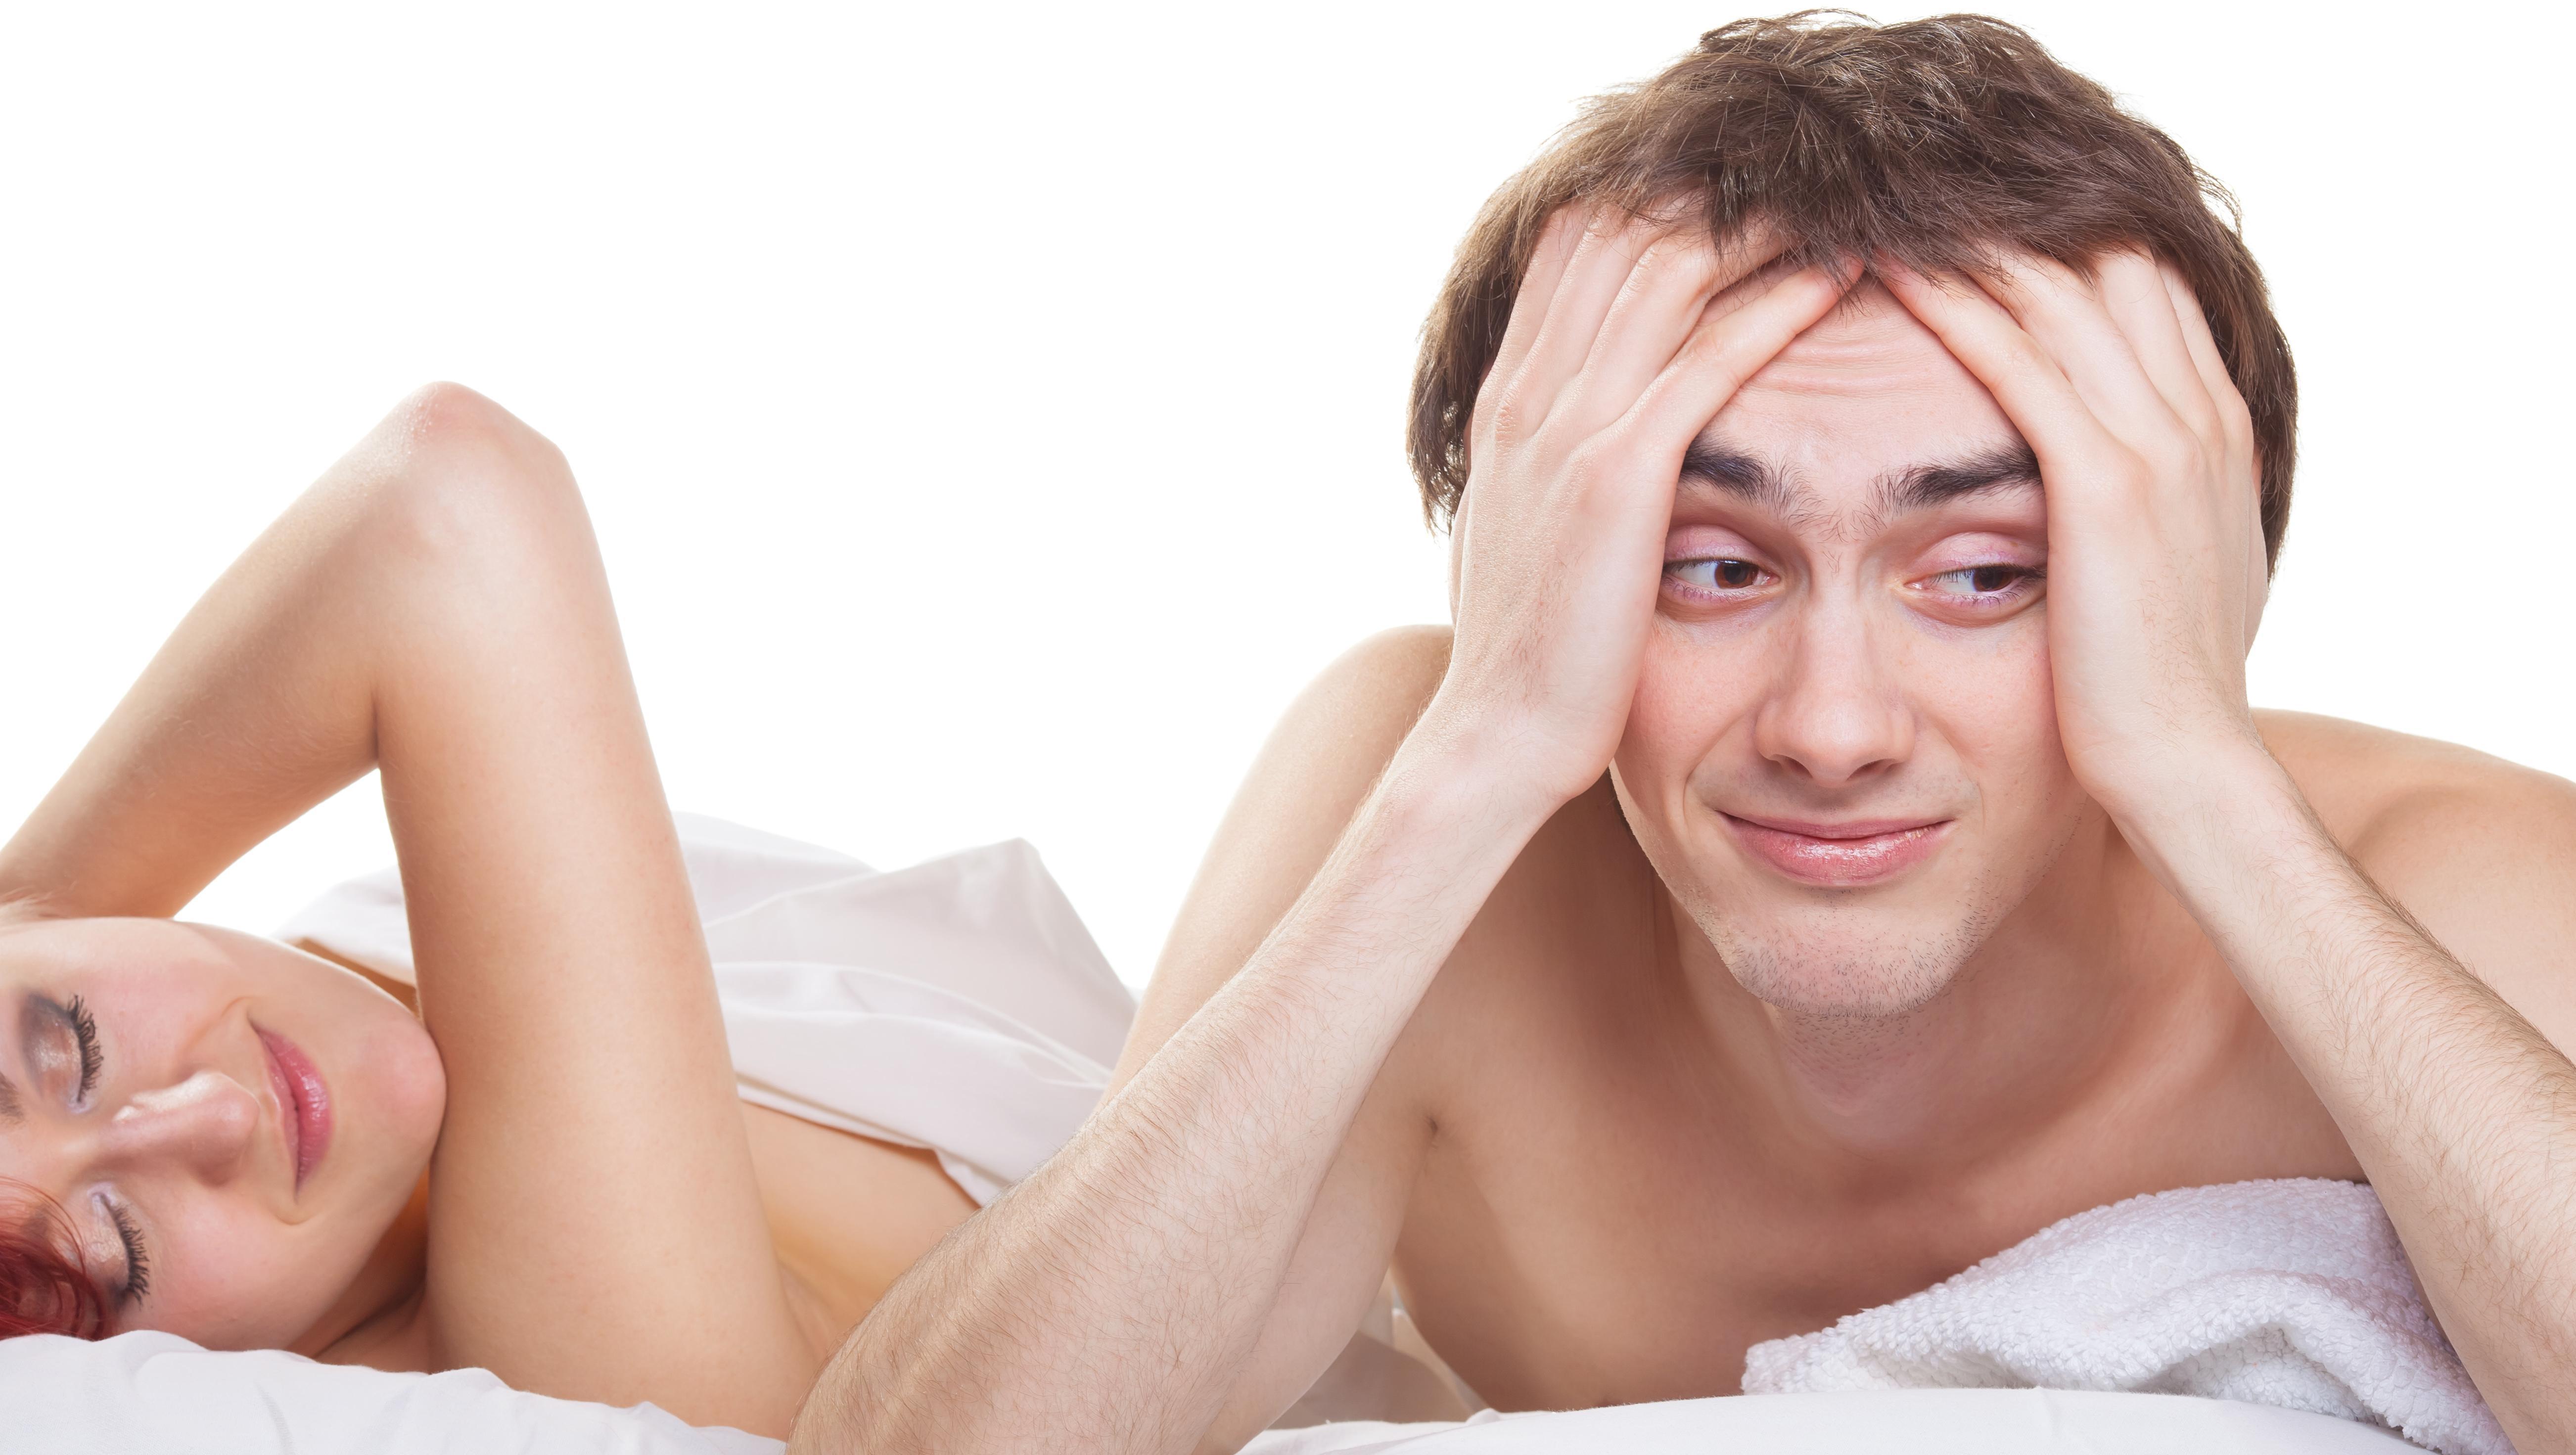 fræk webcam søger uforpligtende sex